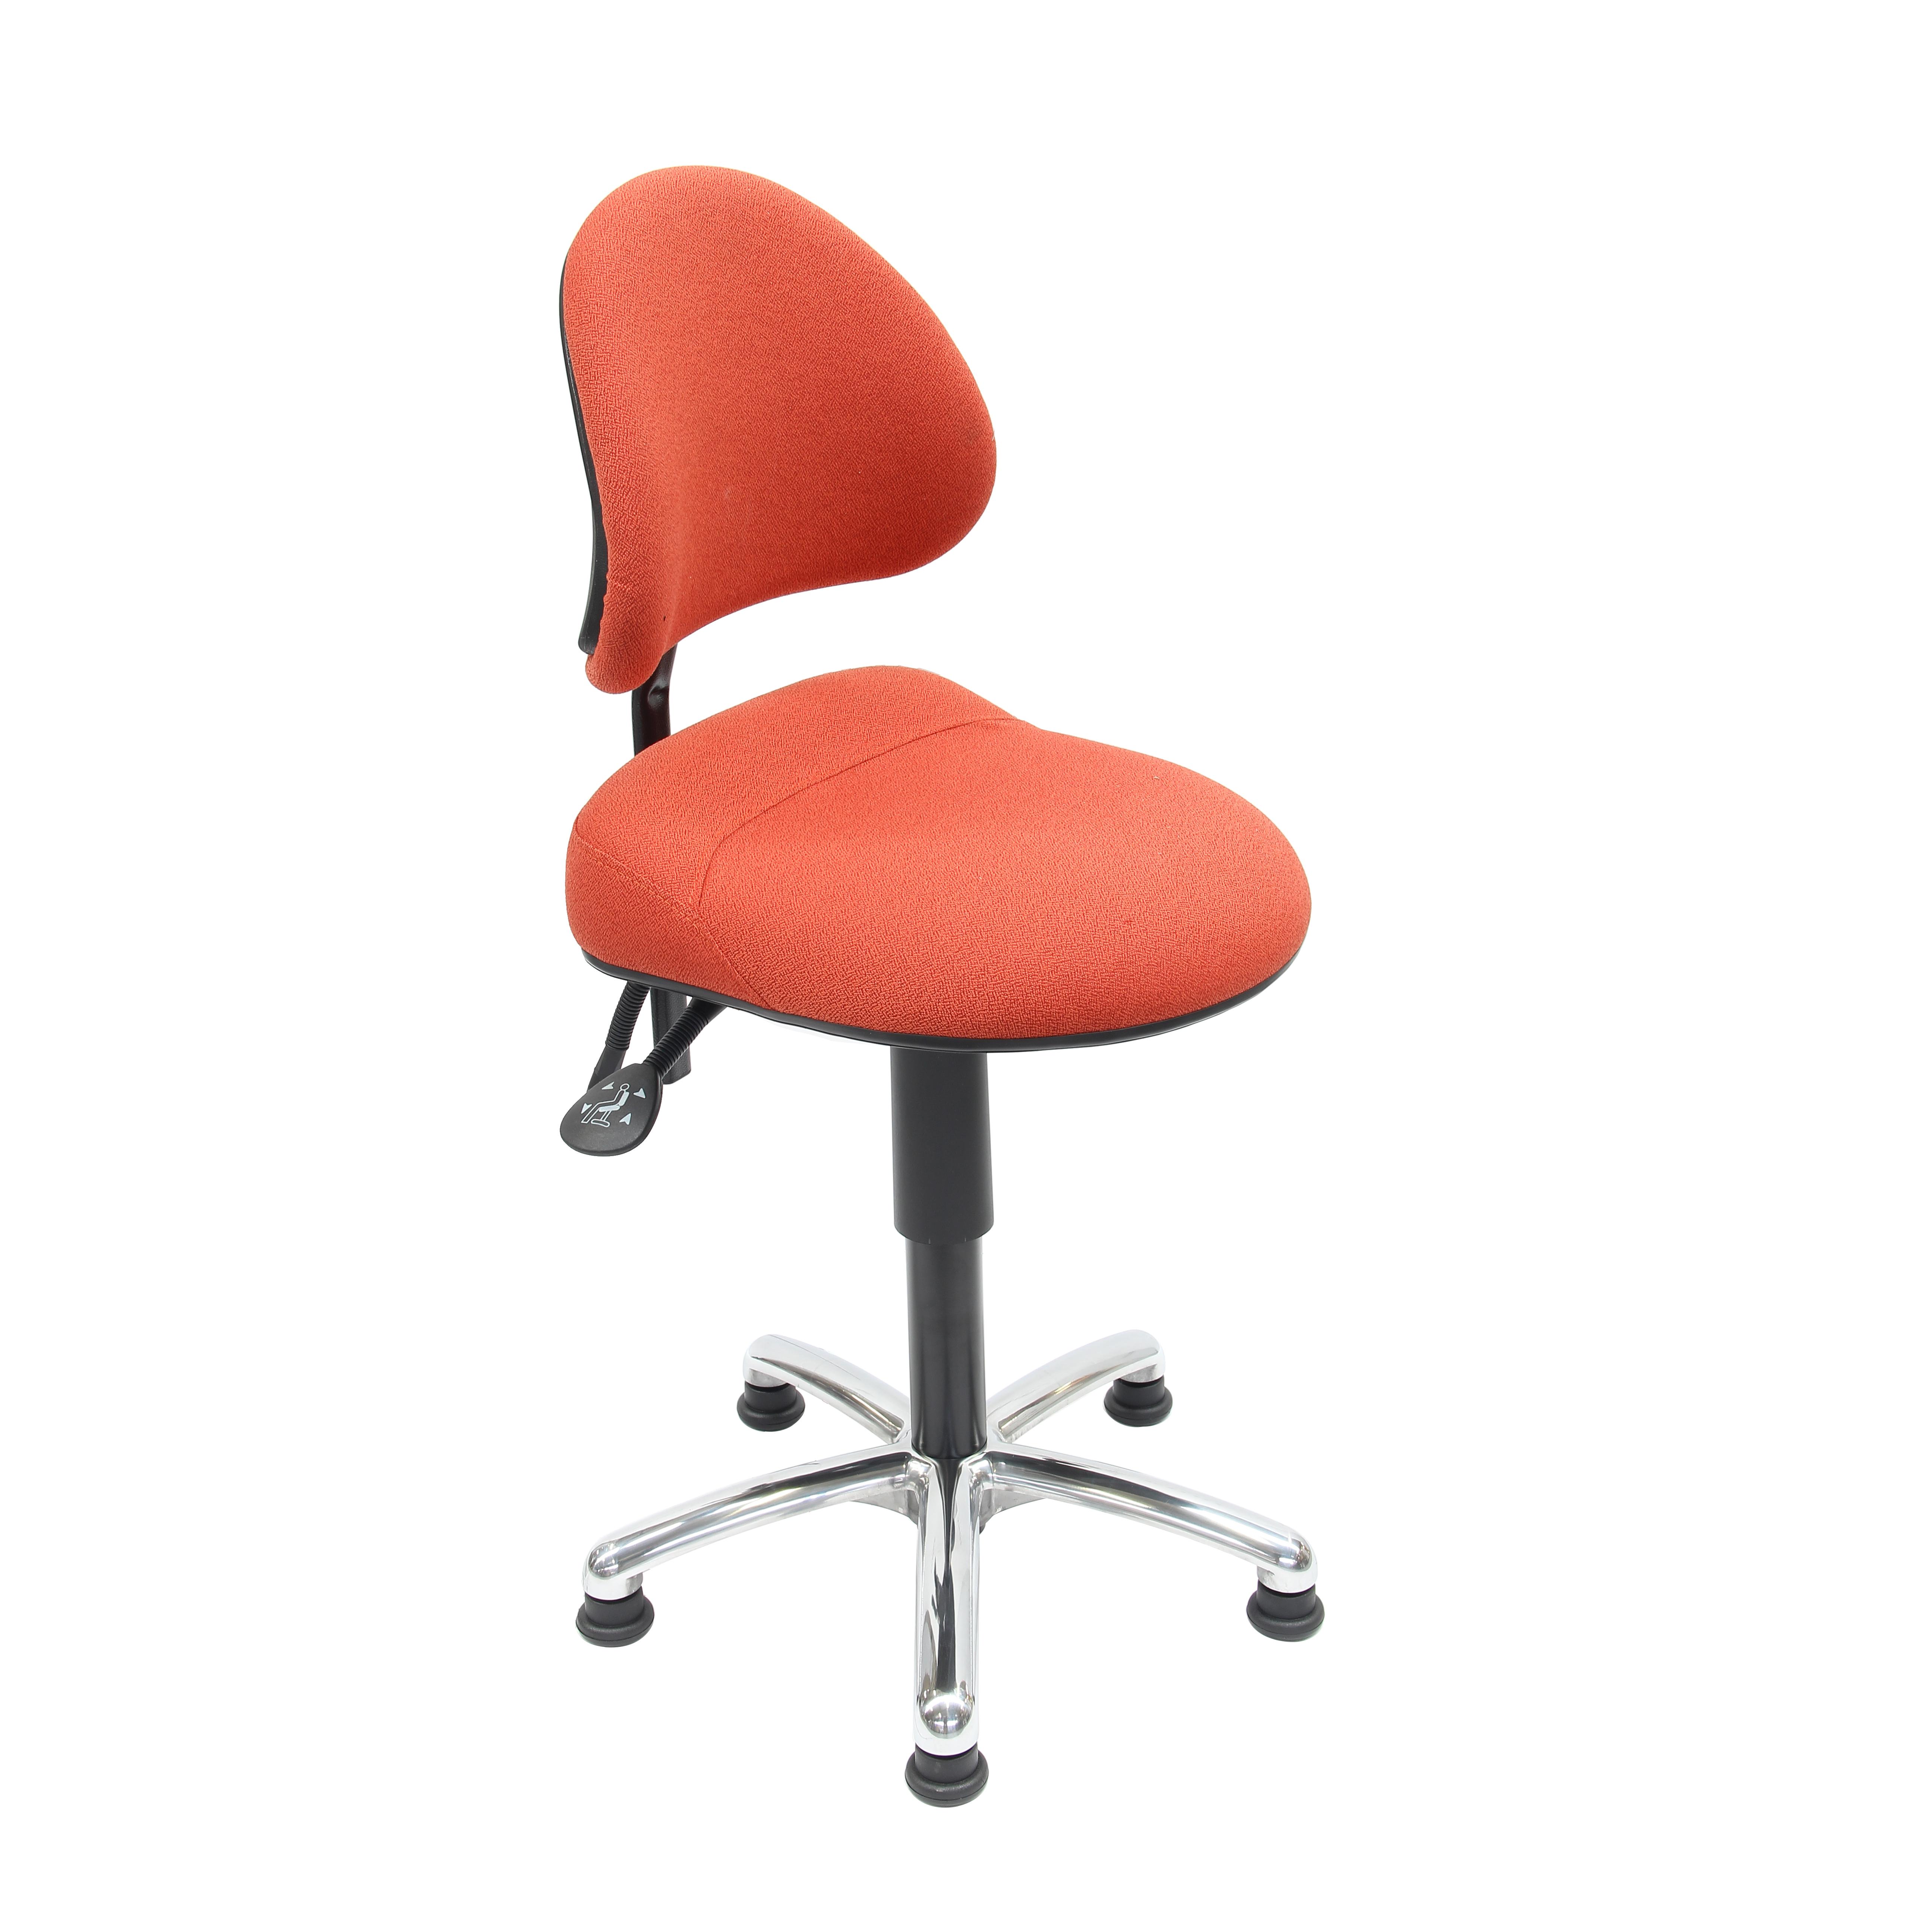 Siège assis et assis-debout ergonomique AURE de siegepro sur patins avec maintien sacro-lombaire